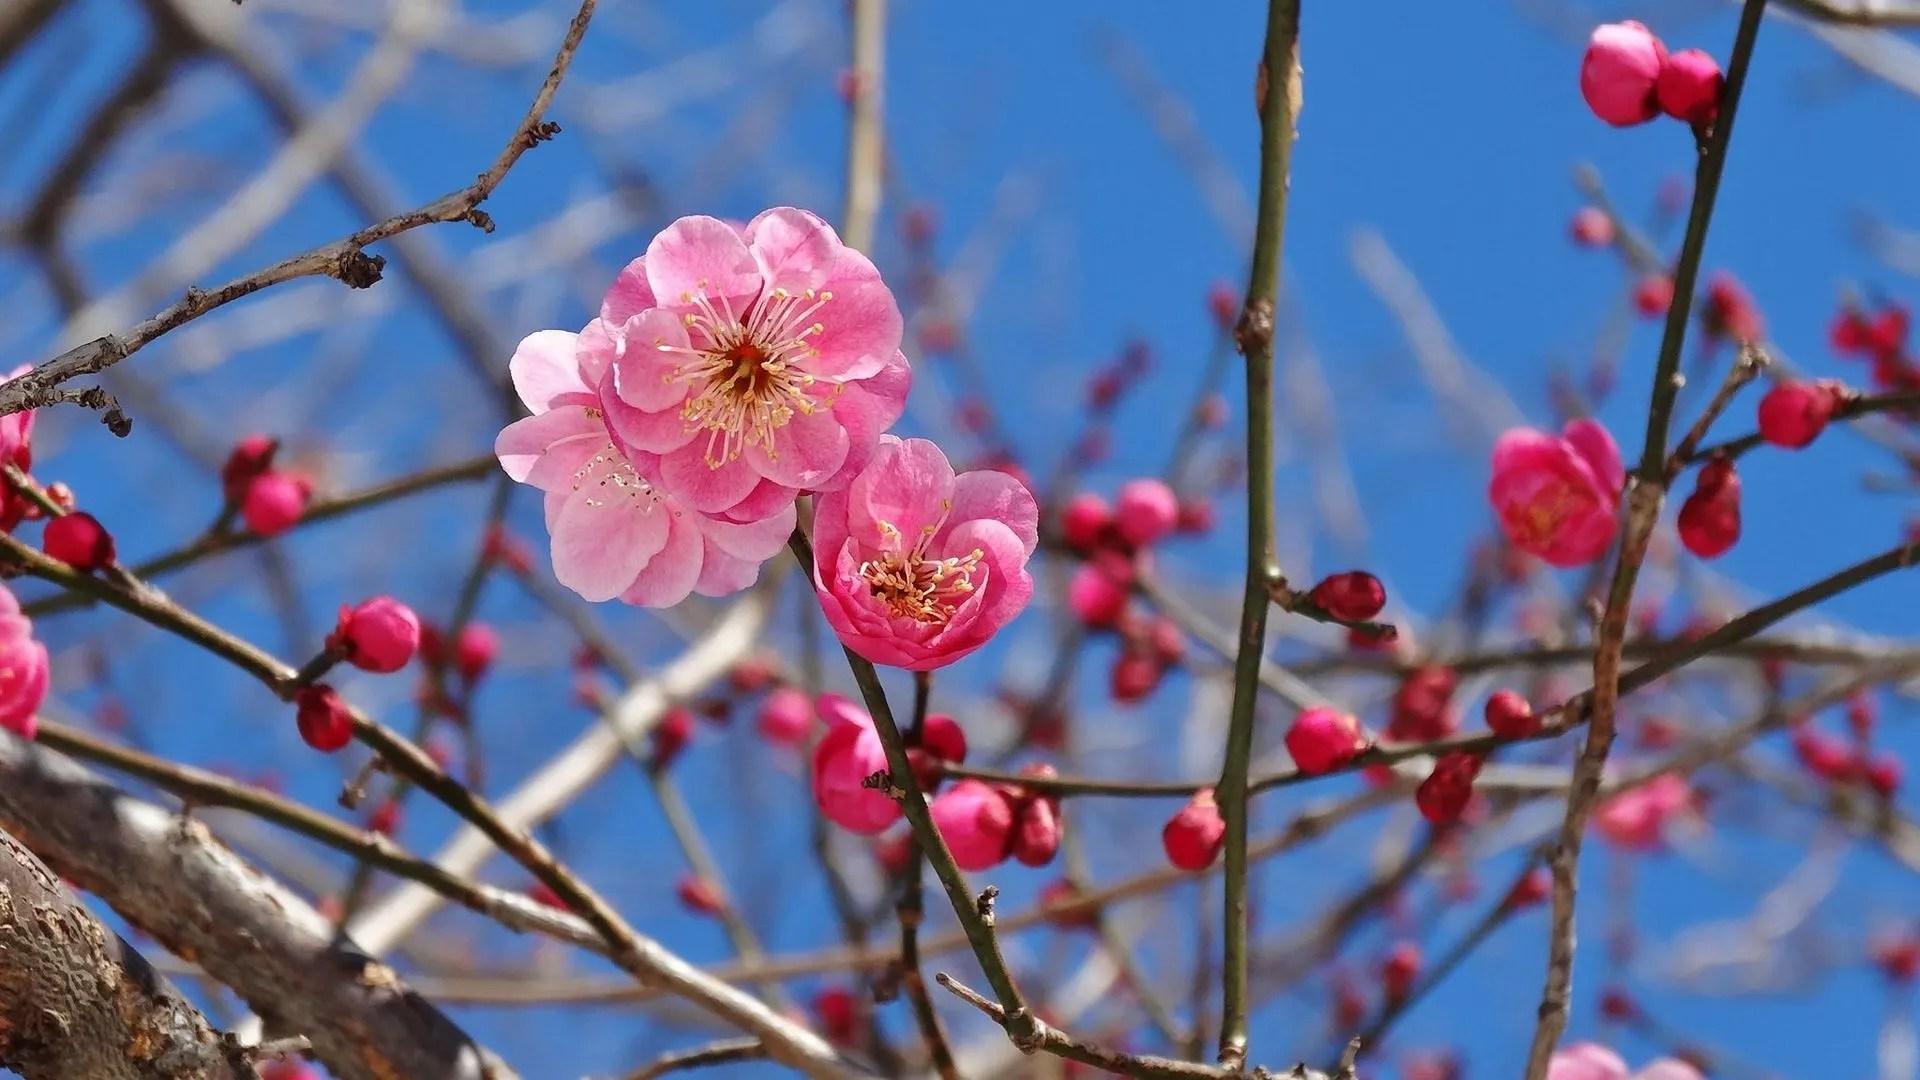 立春 ~冬の華~ - 信の信州からの贈り物